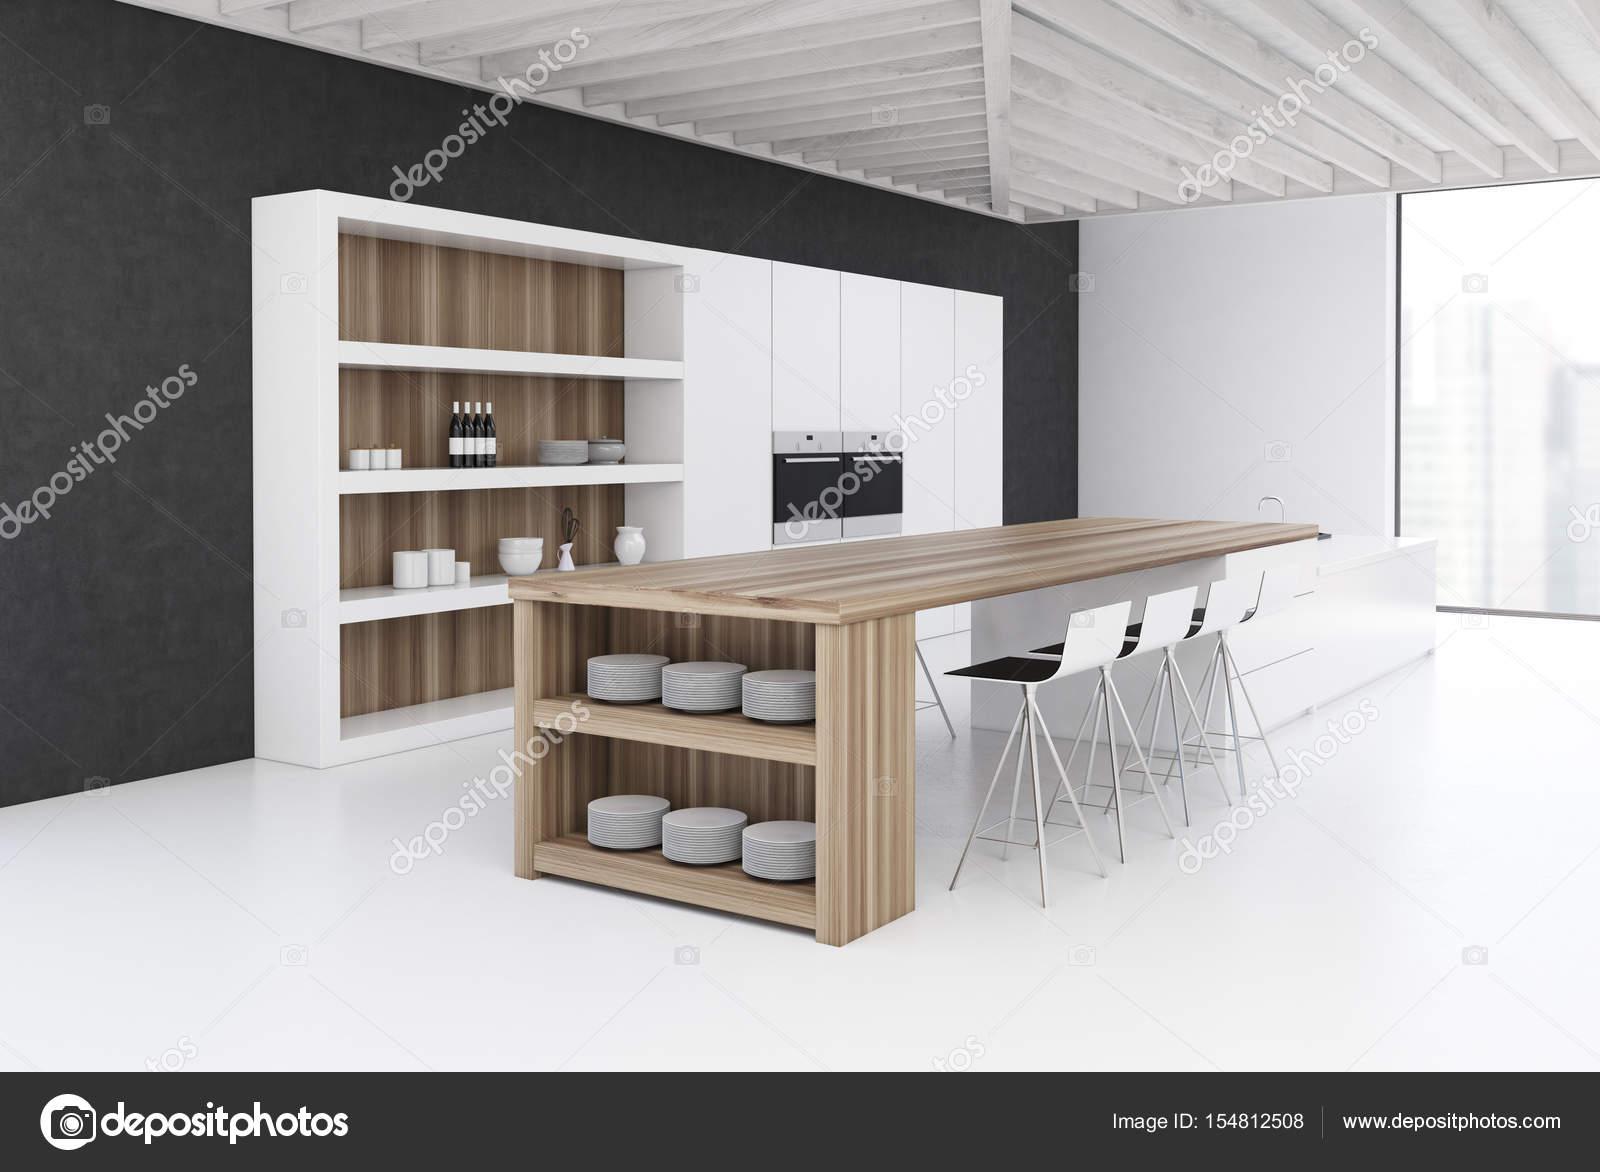 Cuisine Mur Noir Avec Une Barre Cote Photographie Denisismagilov